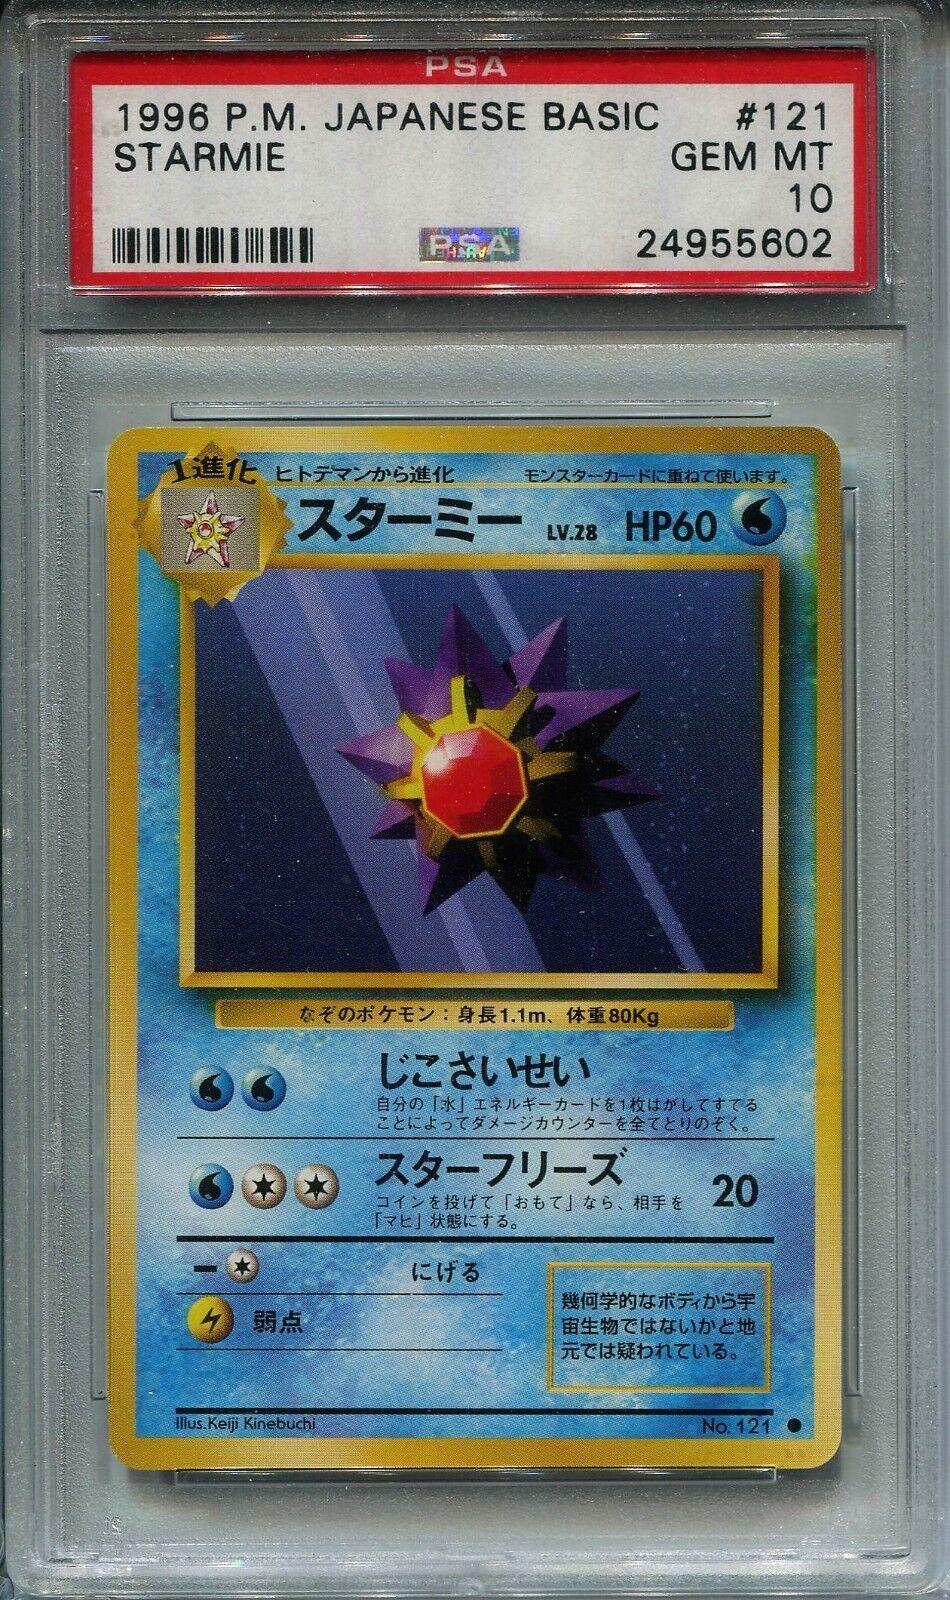 Pokemon 1996 japanischen basisbeschreibung starmie psa - juwel mint 10 kostenlose lieferung